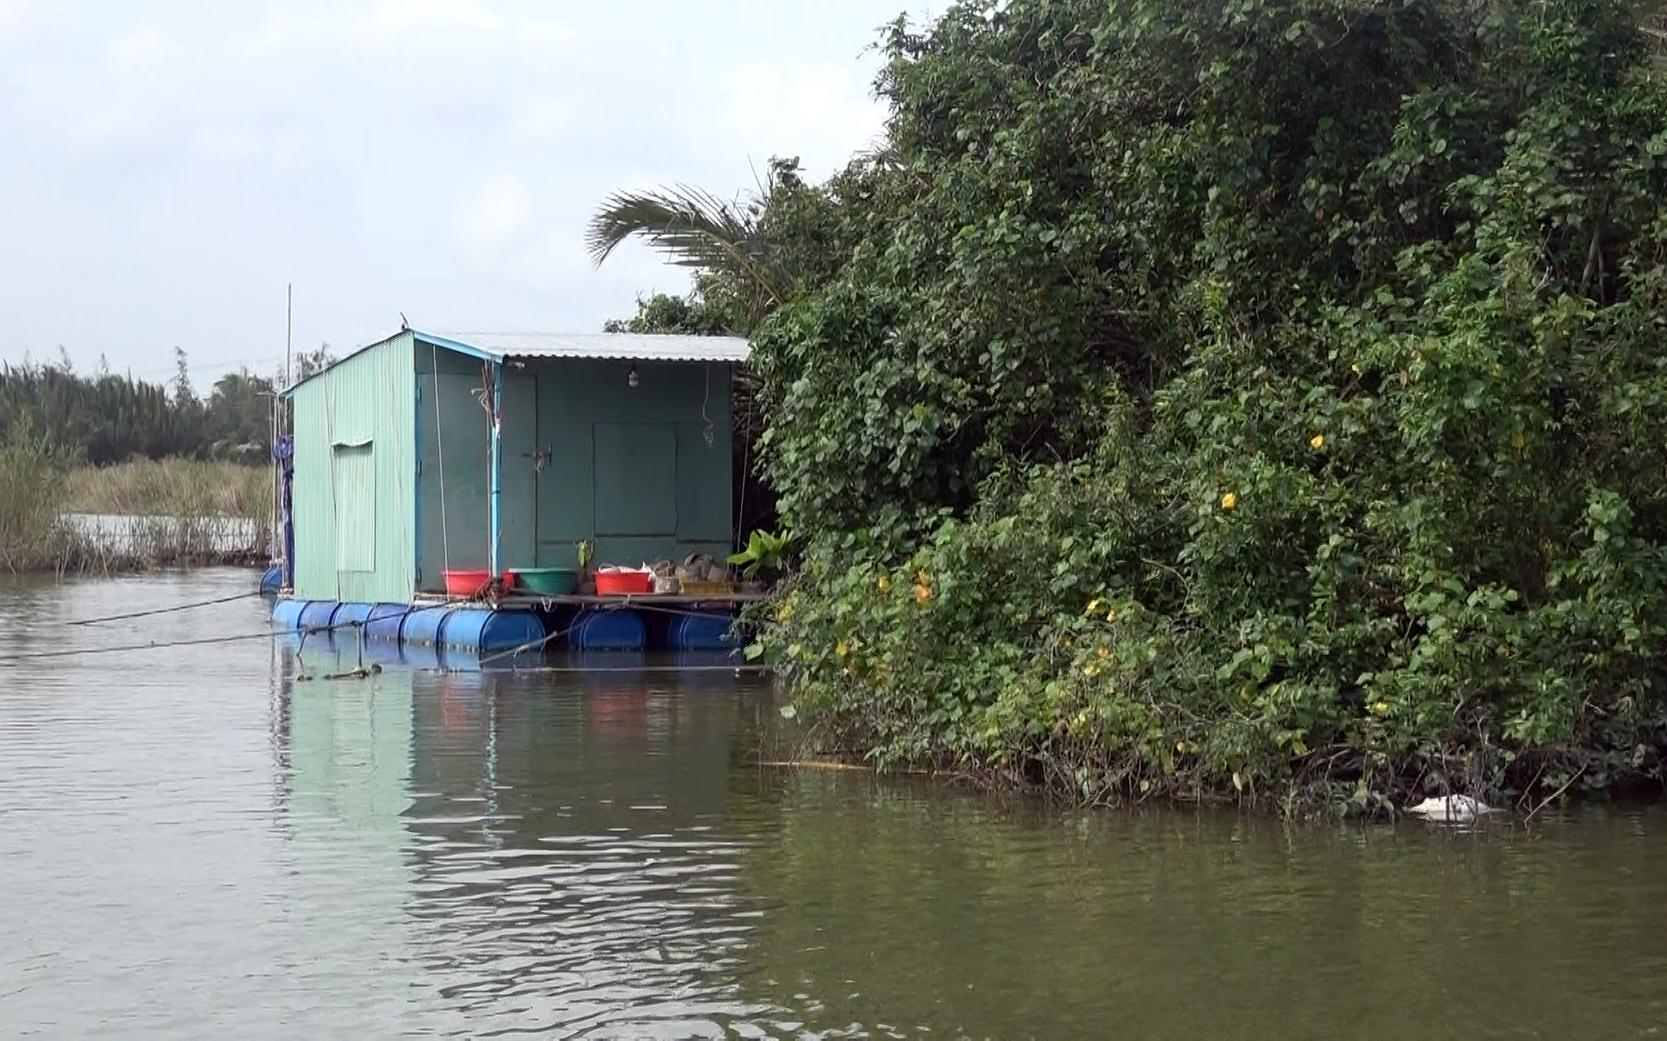 Chủ động di dời các nhà chồ trên các lồng bè nuôi thủy sản vào nơi an toàn để tránh bão. Ảnh: MỸ LỆ